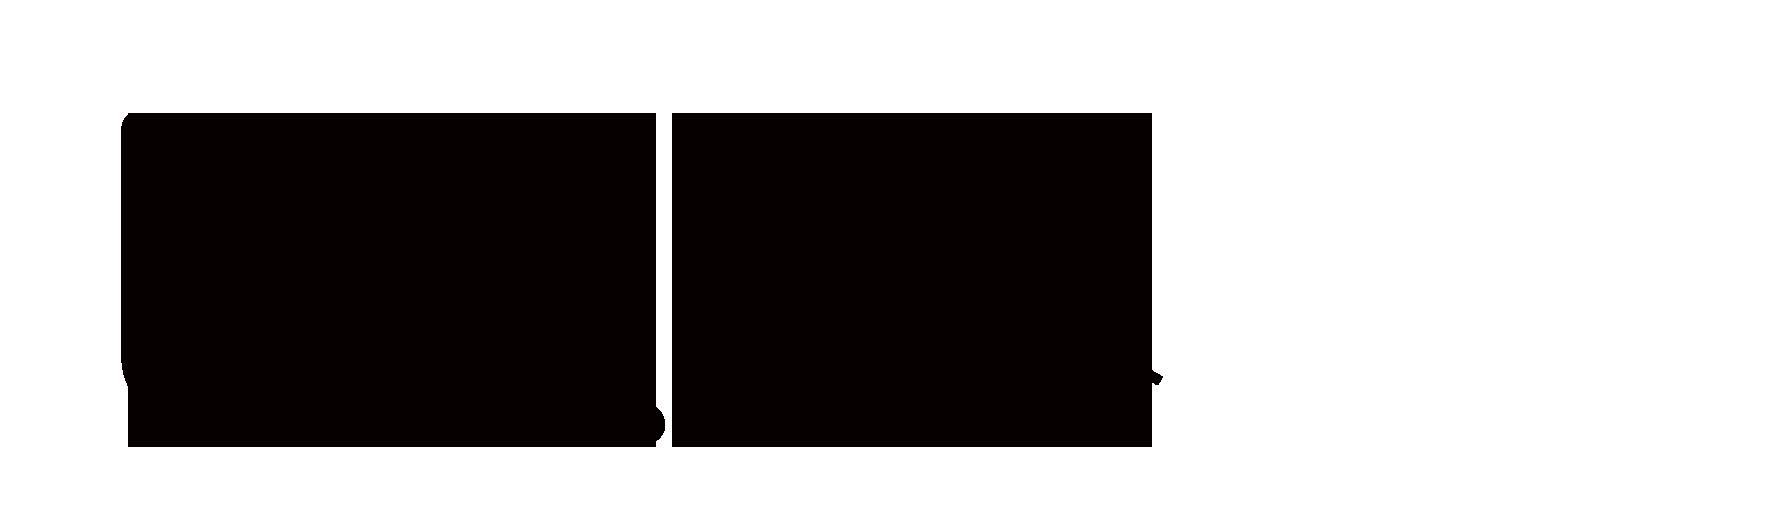 mytna-jp